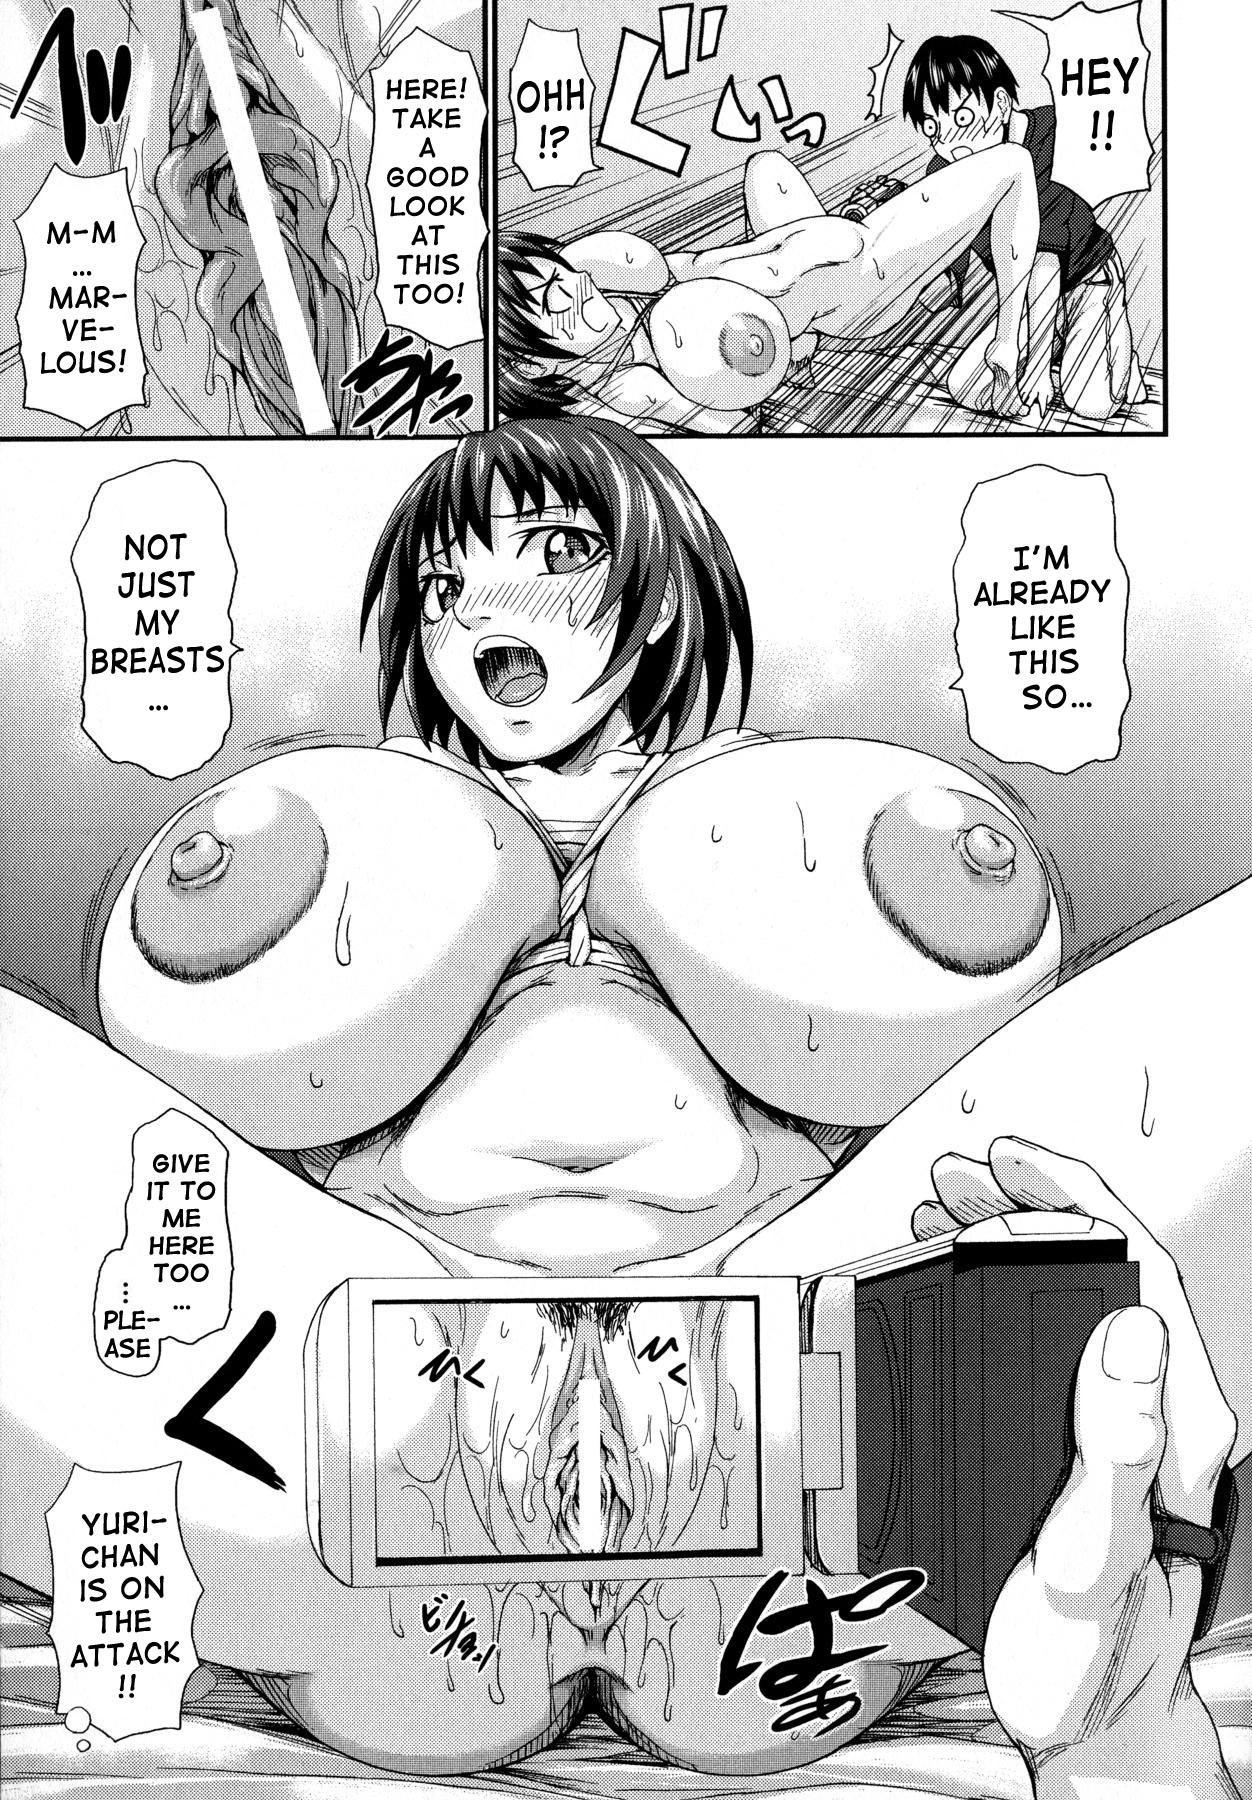 Chichiyoku | Desirable Breasts 136